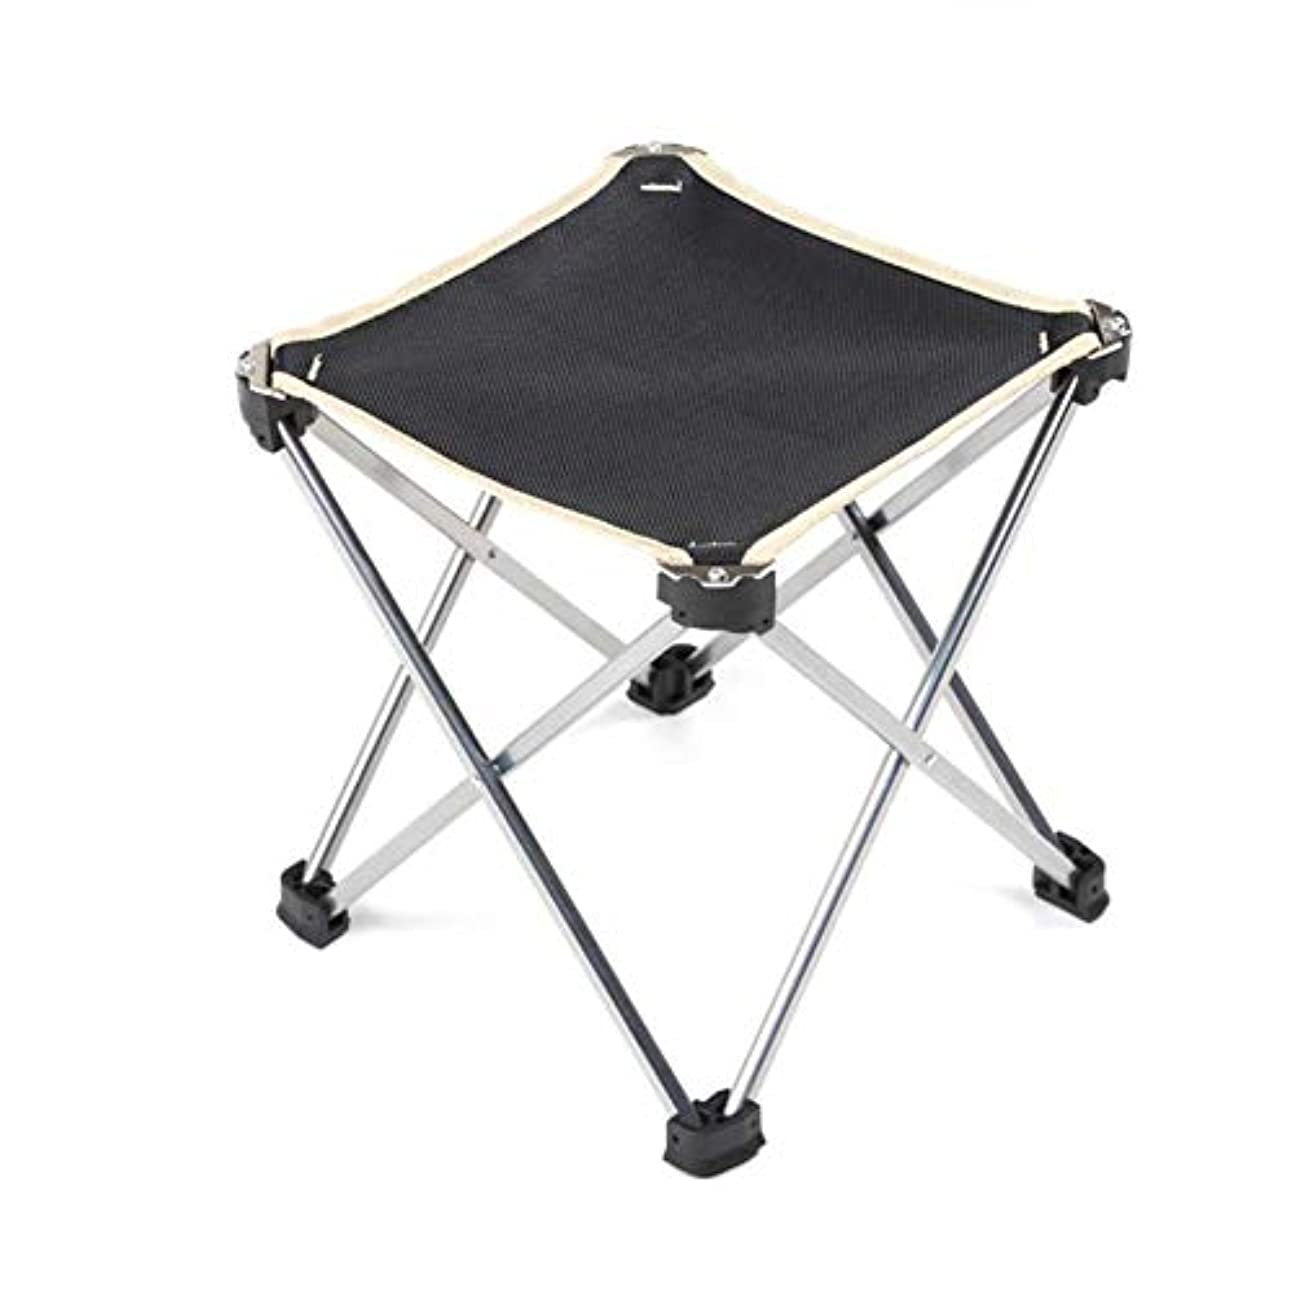 全く検出他の場所折りたたみ椅子、屋外ポータブルスツールアルミ釣り椅子レジャービーチチェア超軽量折りたたみ椅子スツール小マザール